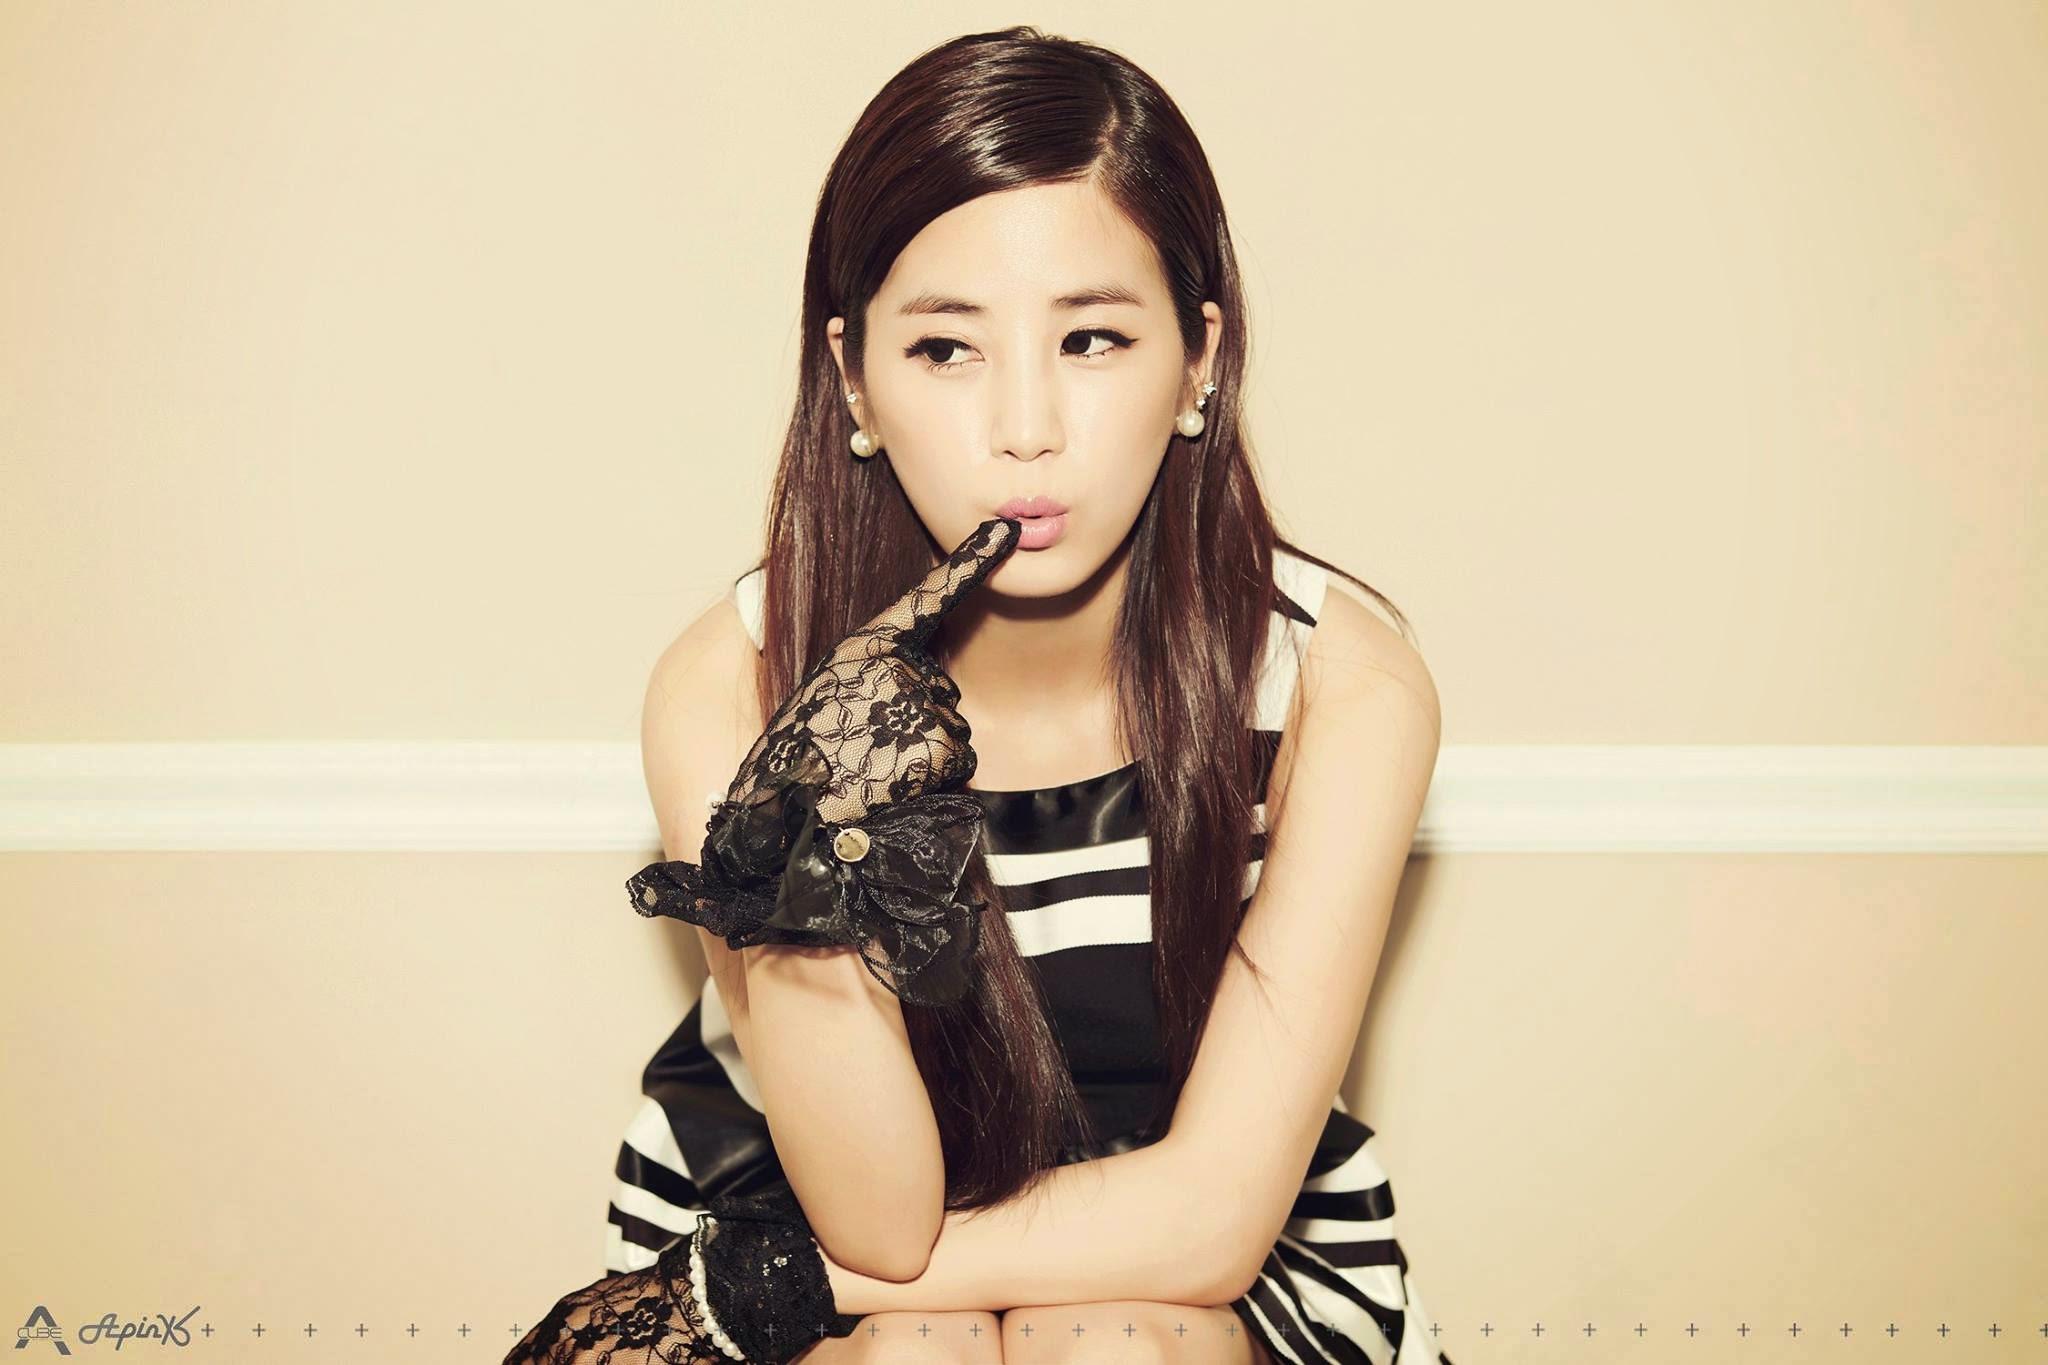 Apink Chorong 5th album